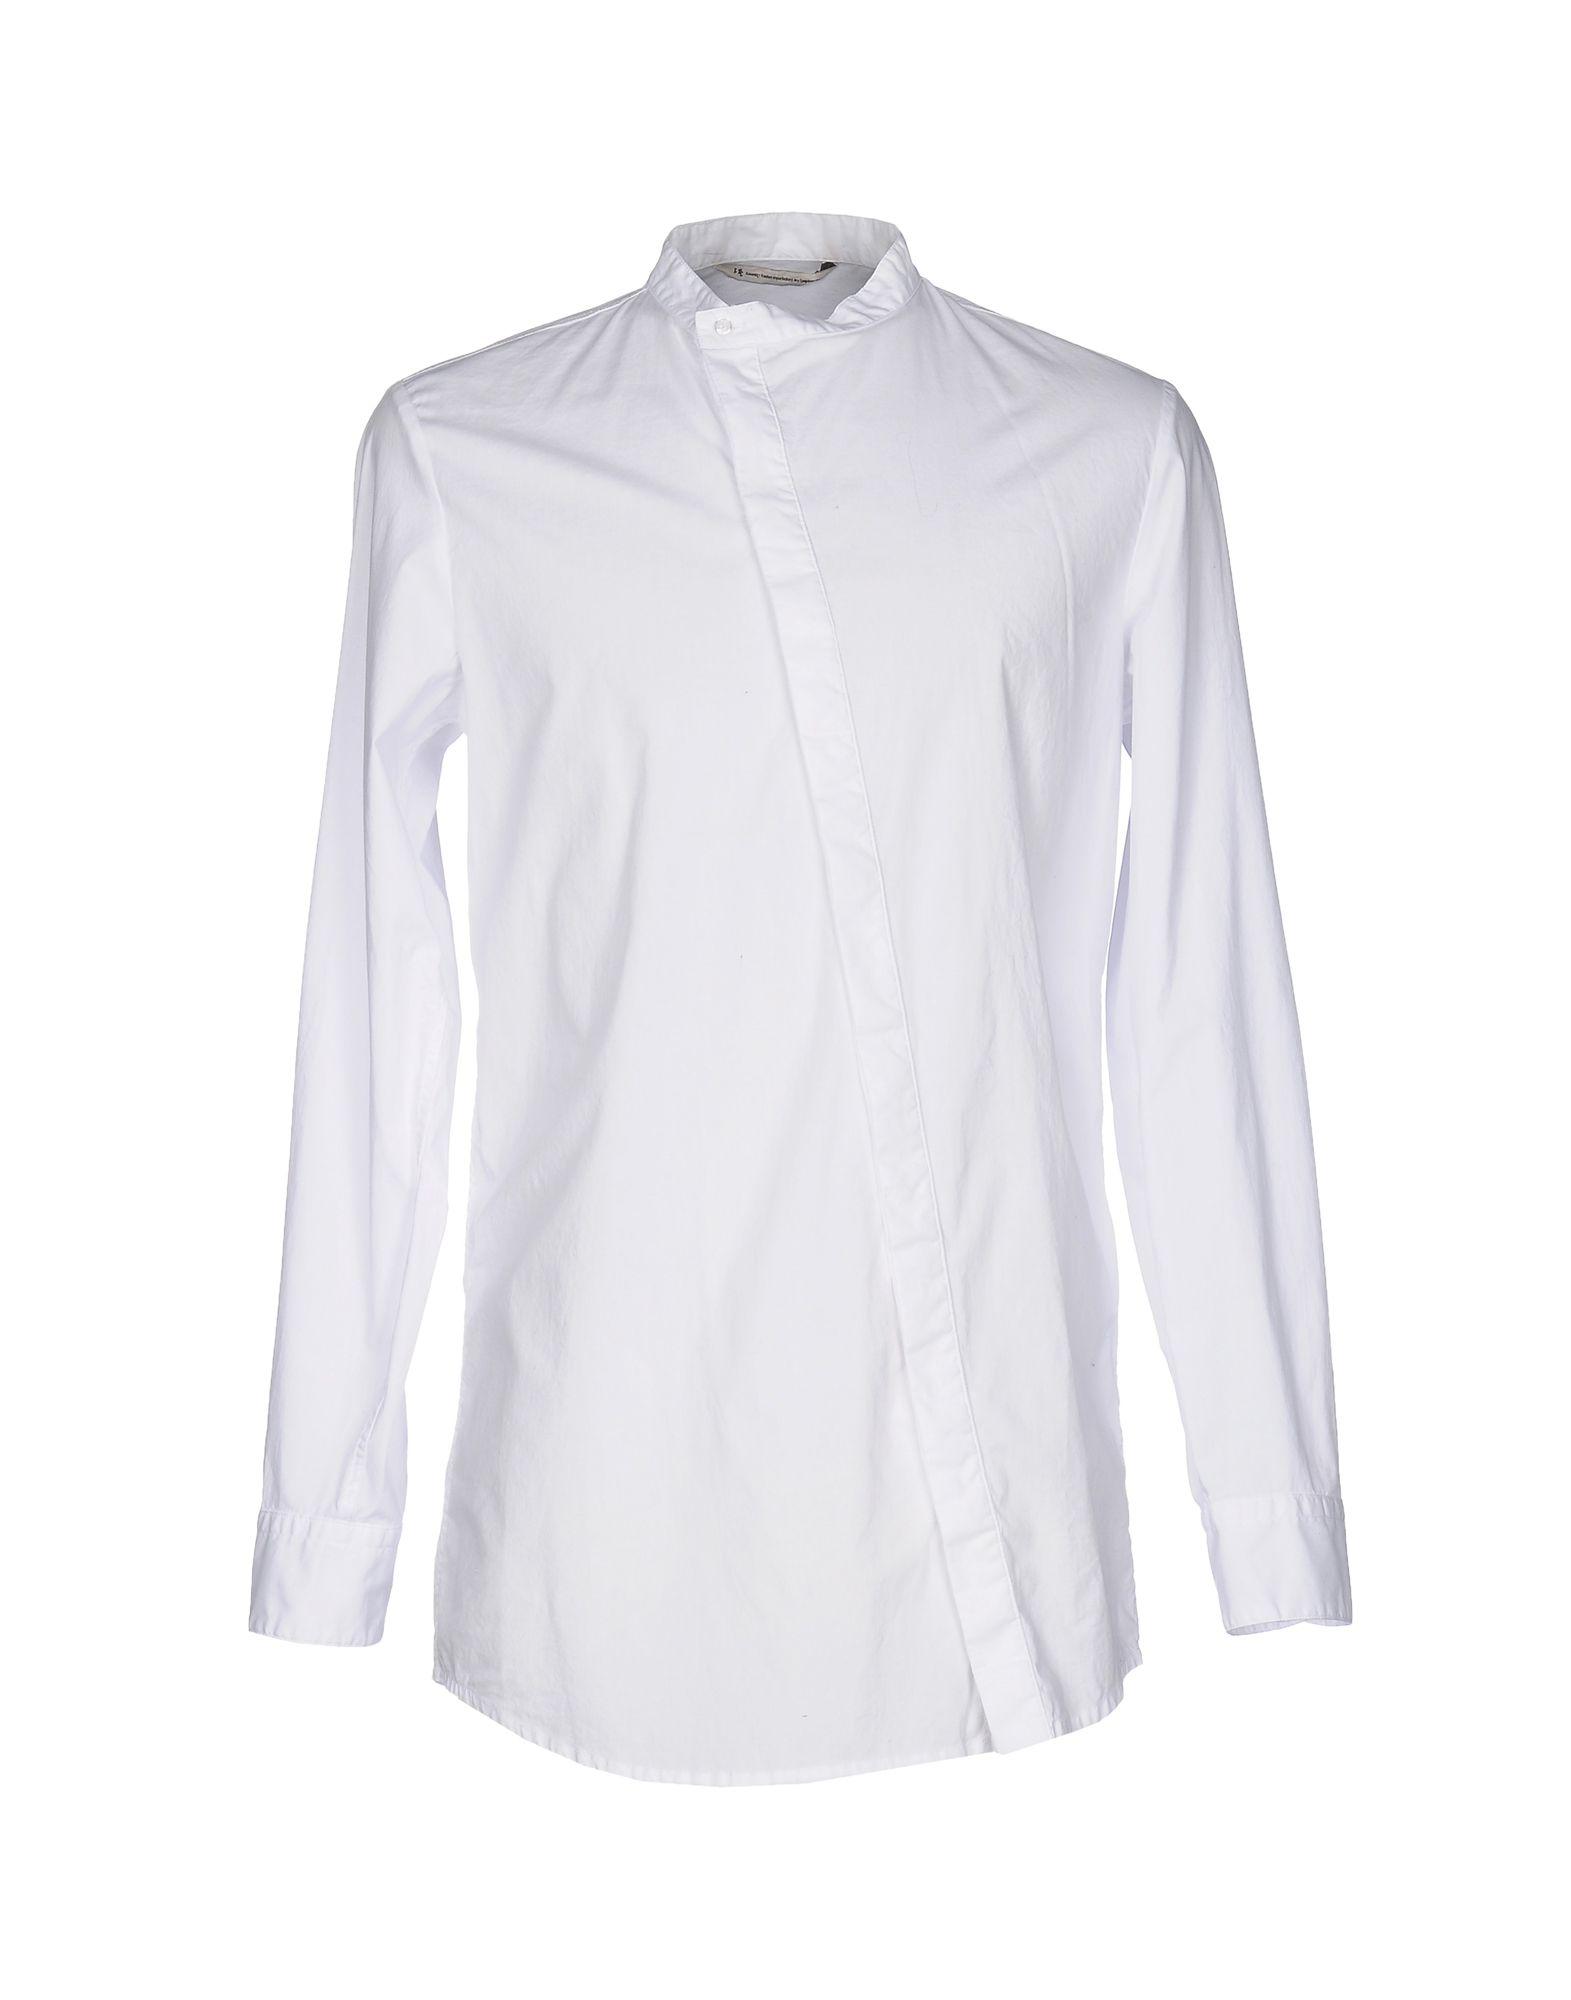 メンズ NOVEMB3R シャツ ホワイト